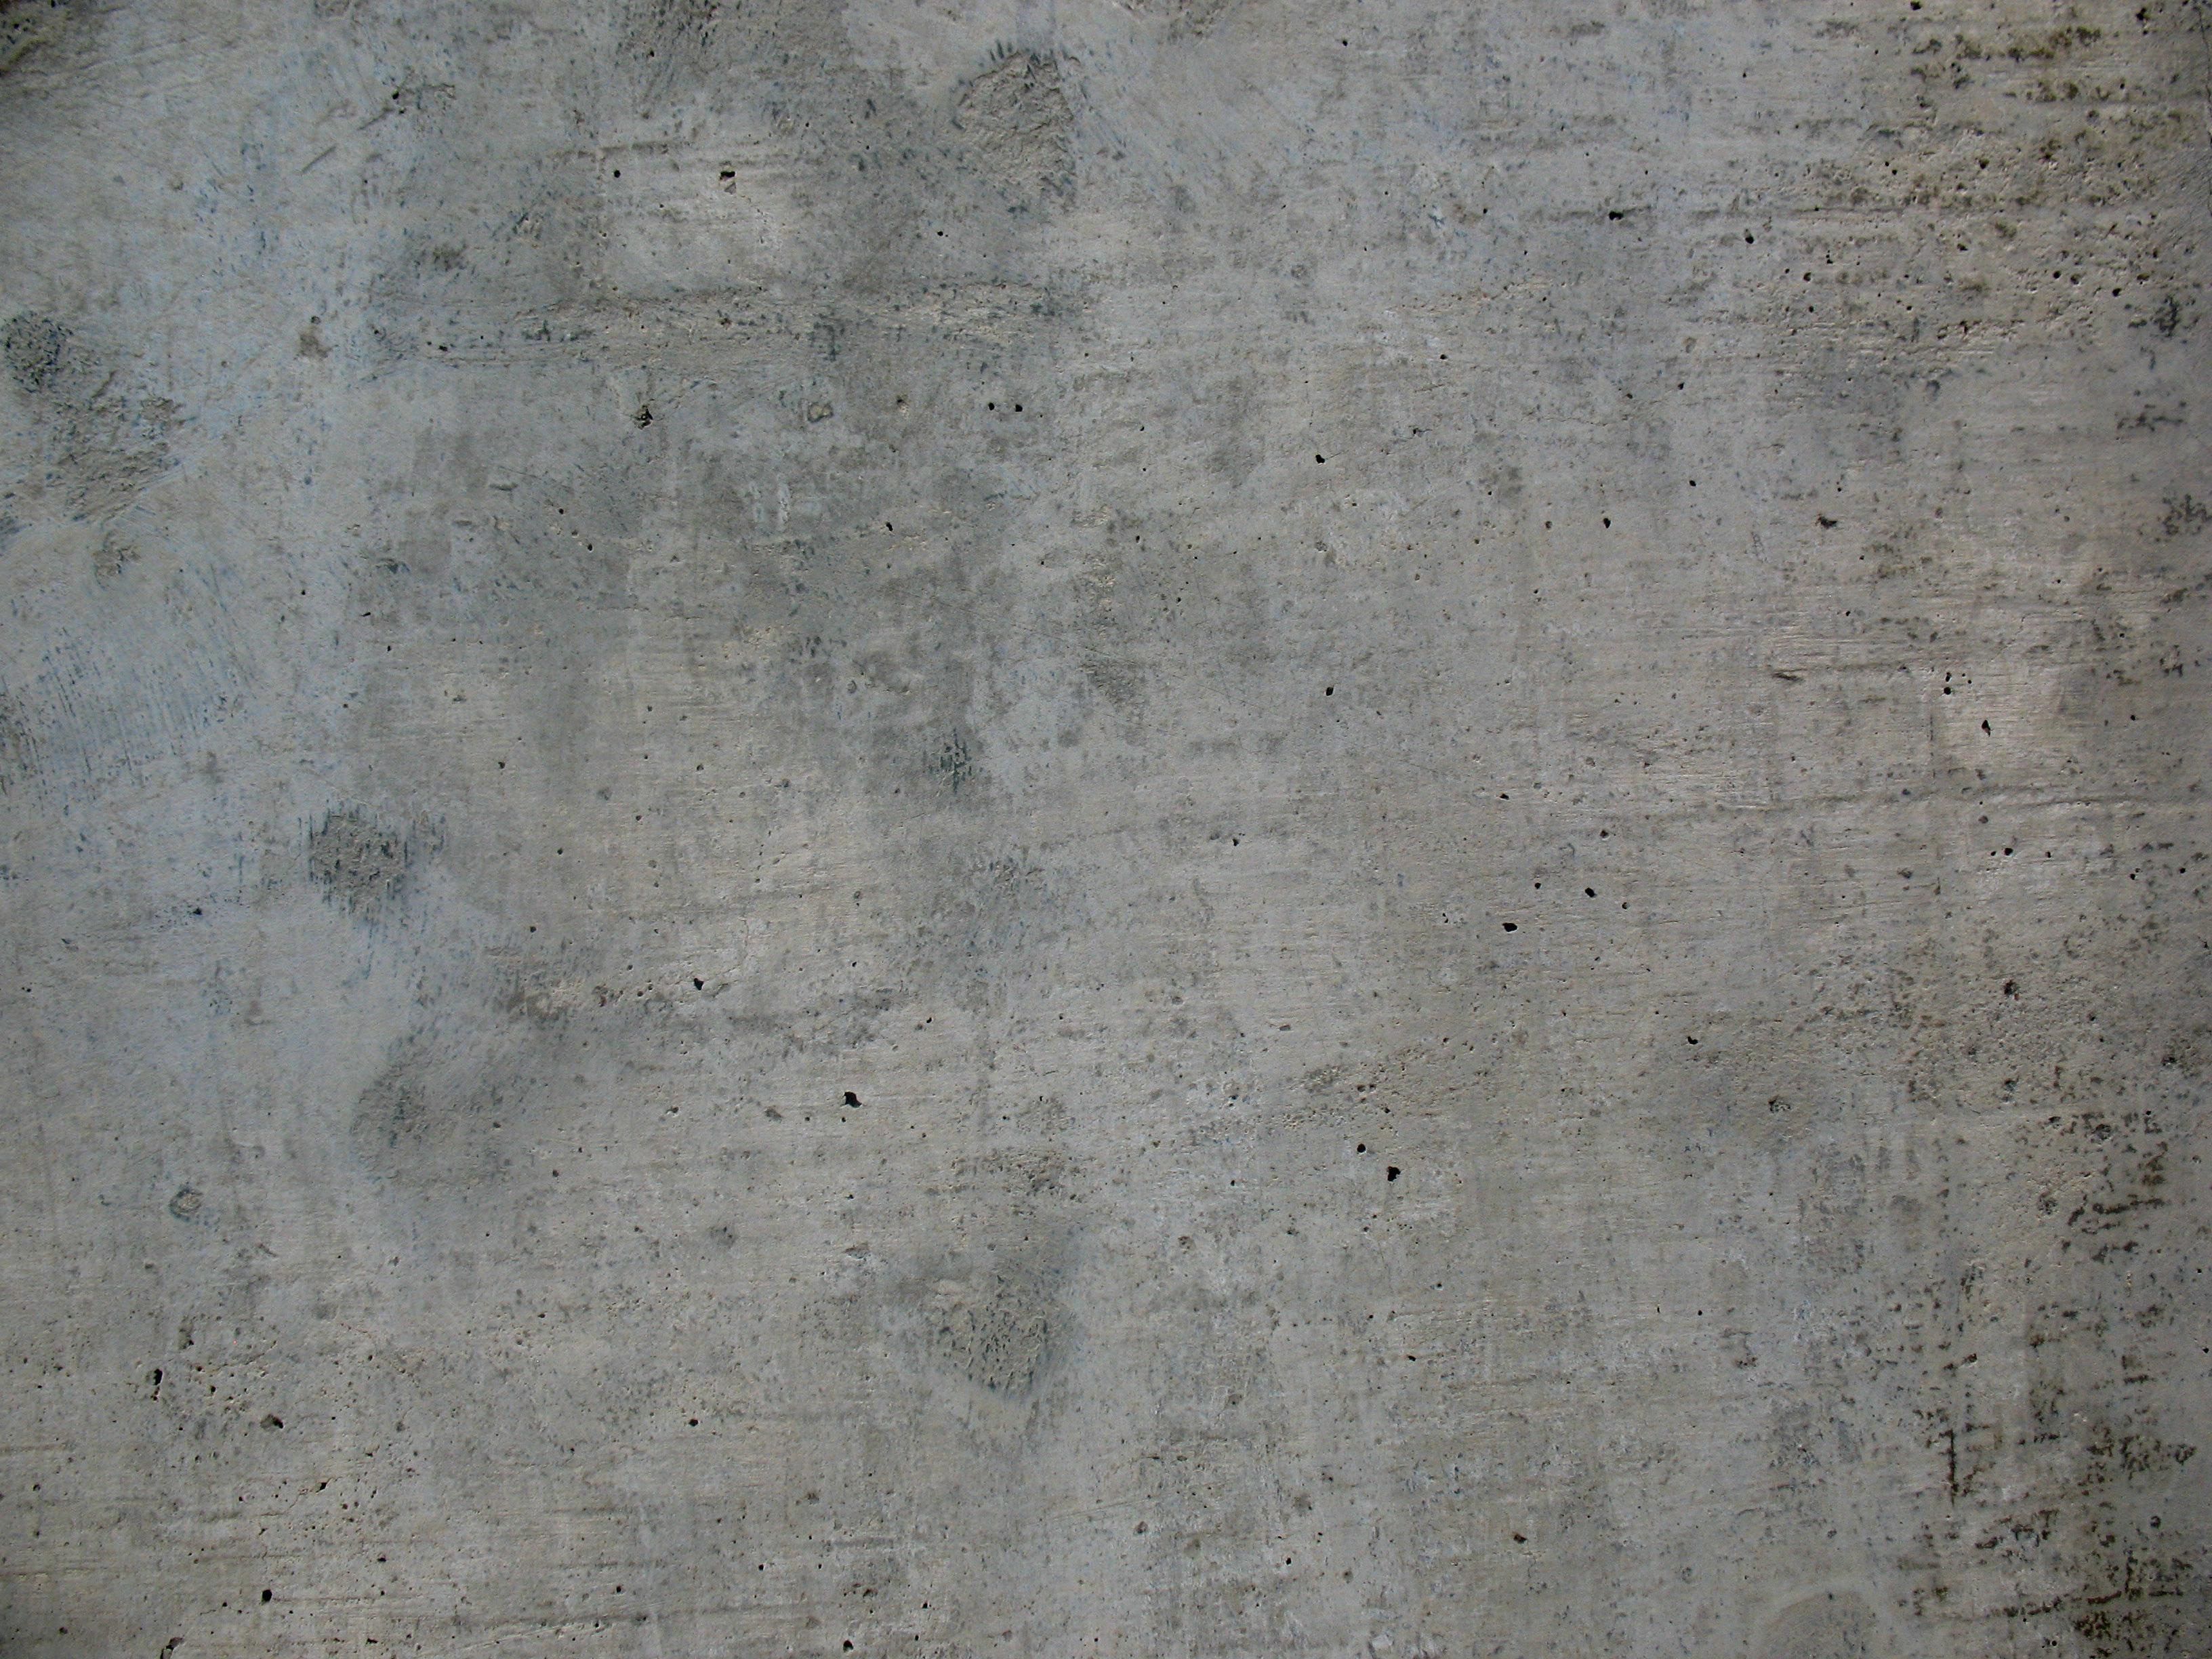 scratched concrete texture